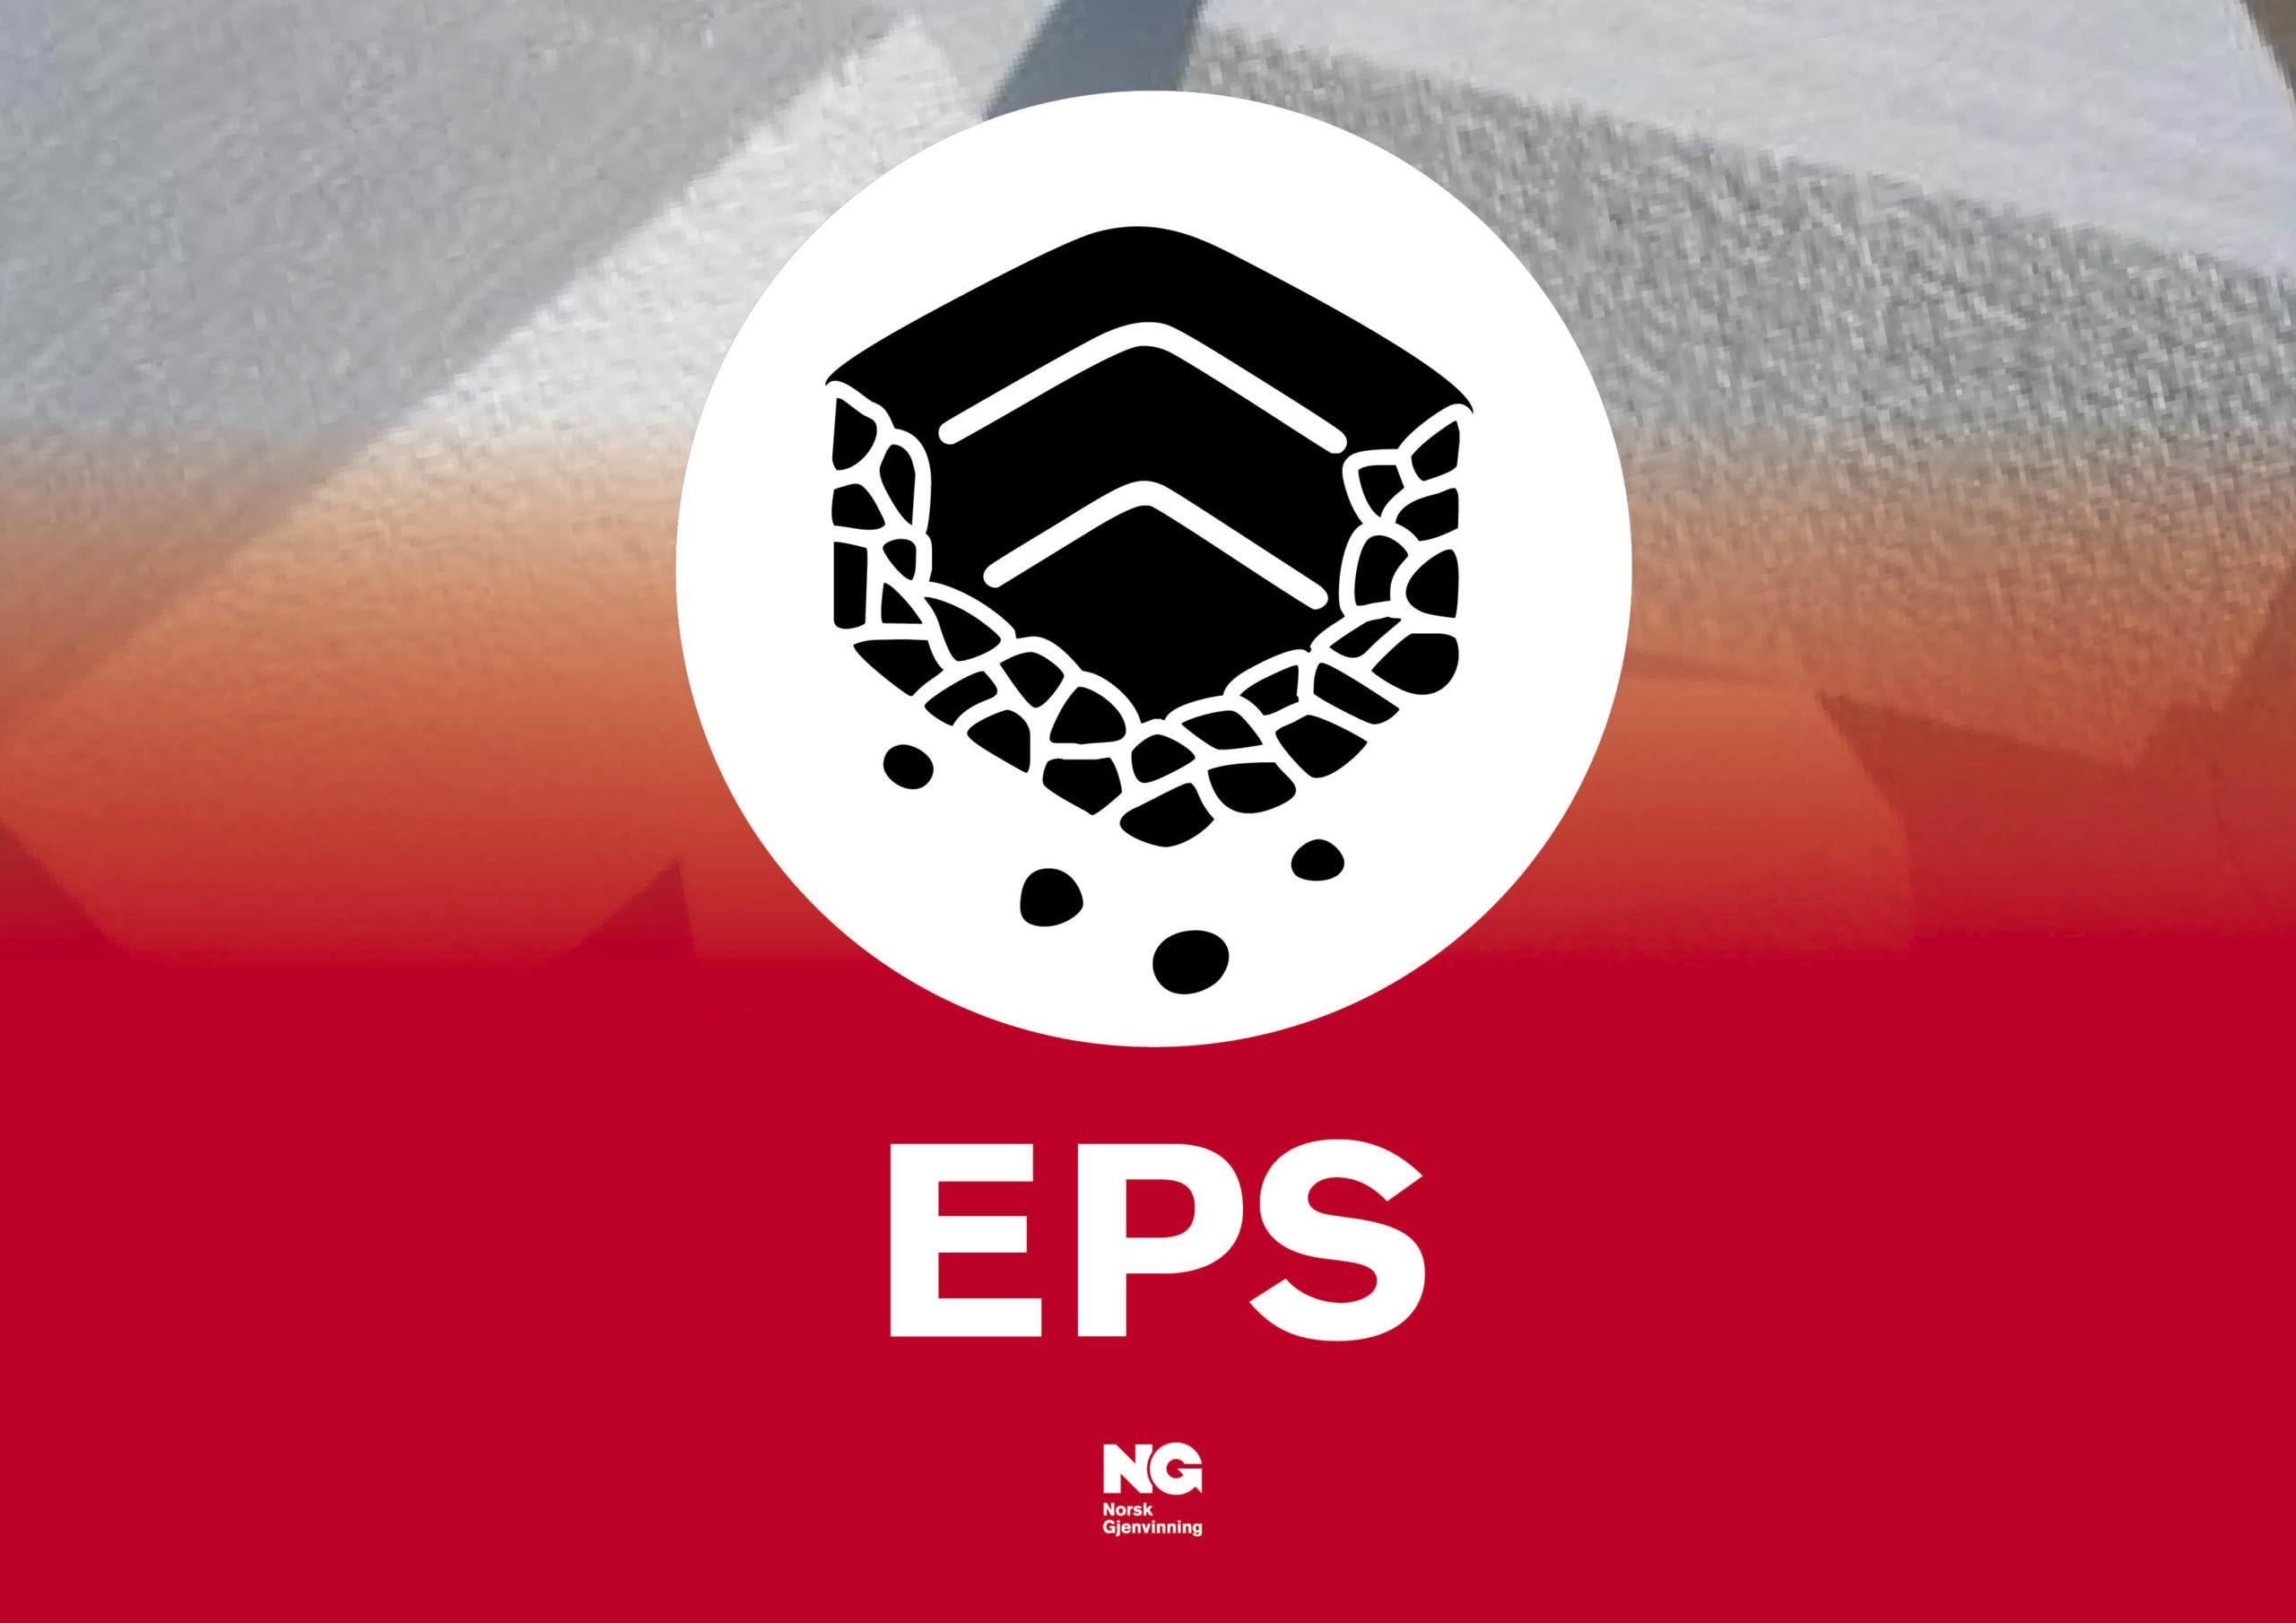 Klebemerke A4 EPS